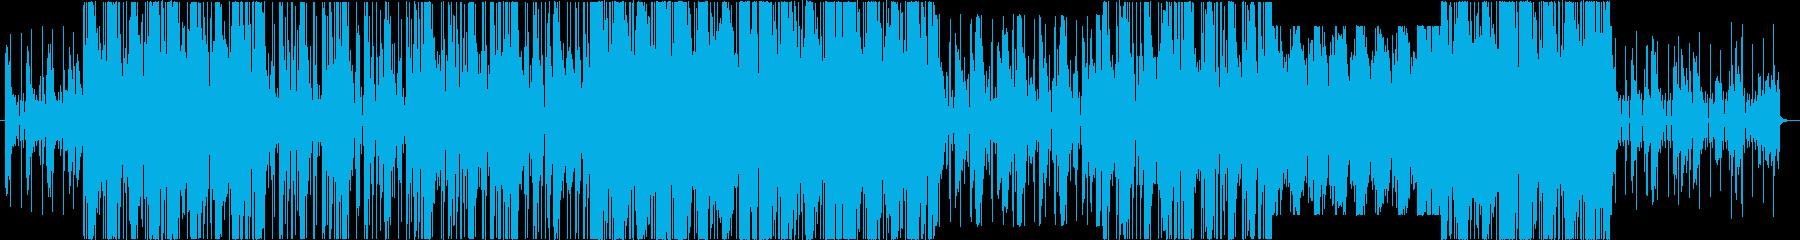 ラフでゆったりなチルホップ / R&Bの再生済みの波形